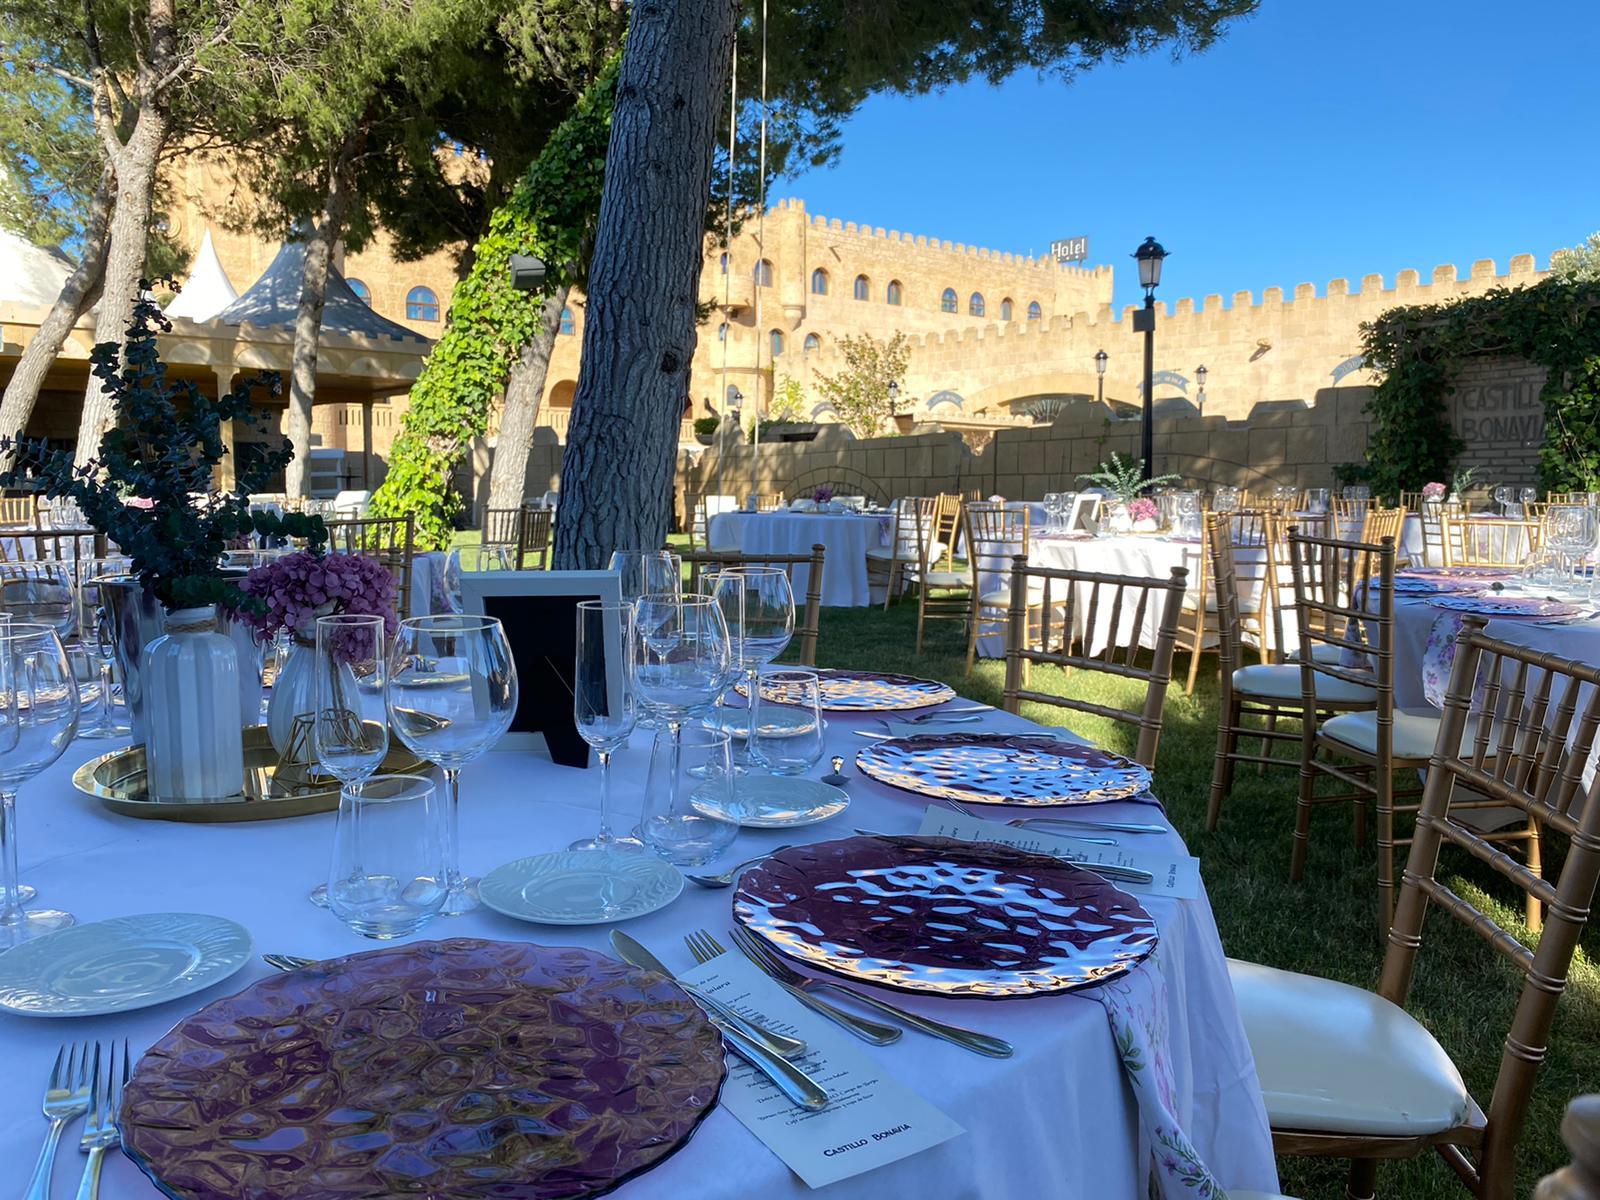 Boda y banquete al aire libre-3_Tu boda en Castillo Bonavia